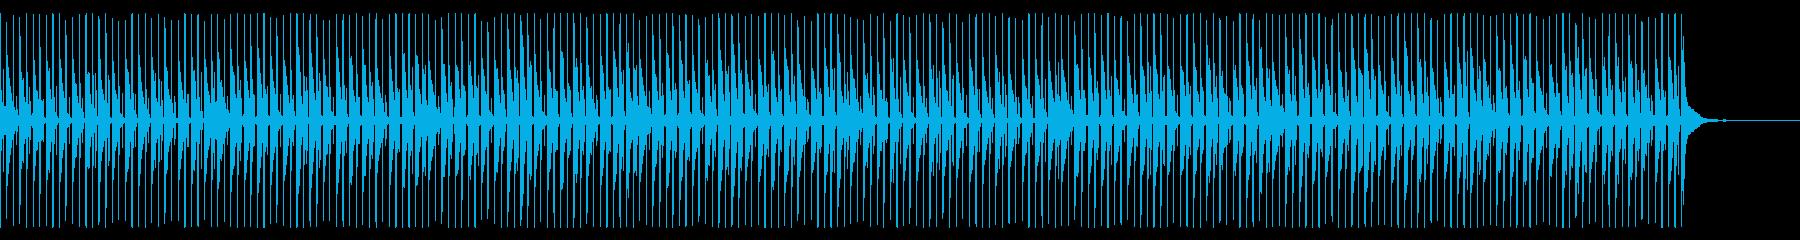 めちゃくちゃシンプルなループミュージックの再生済みの波形